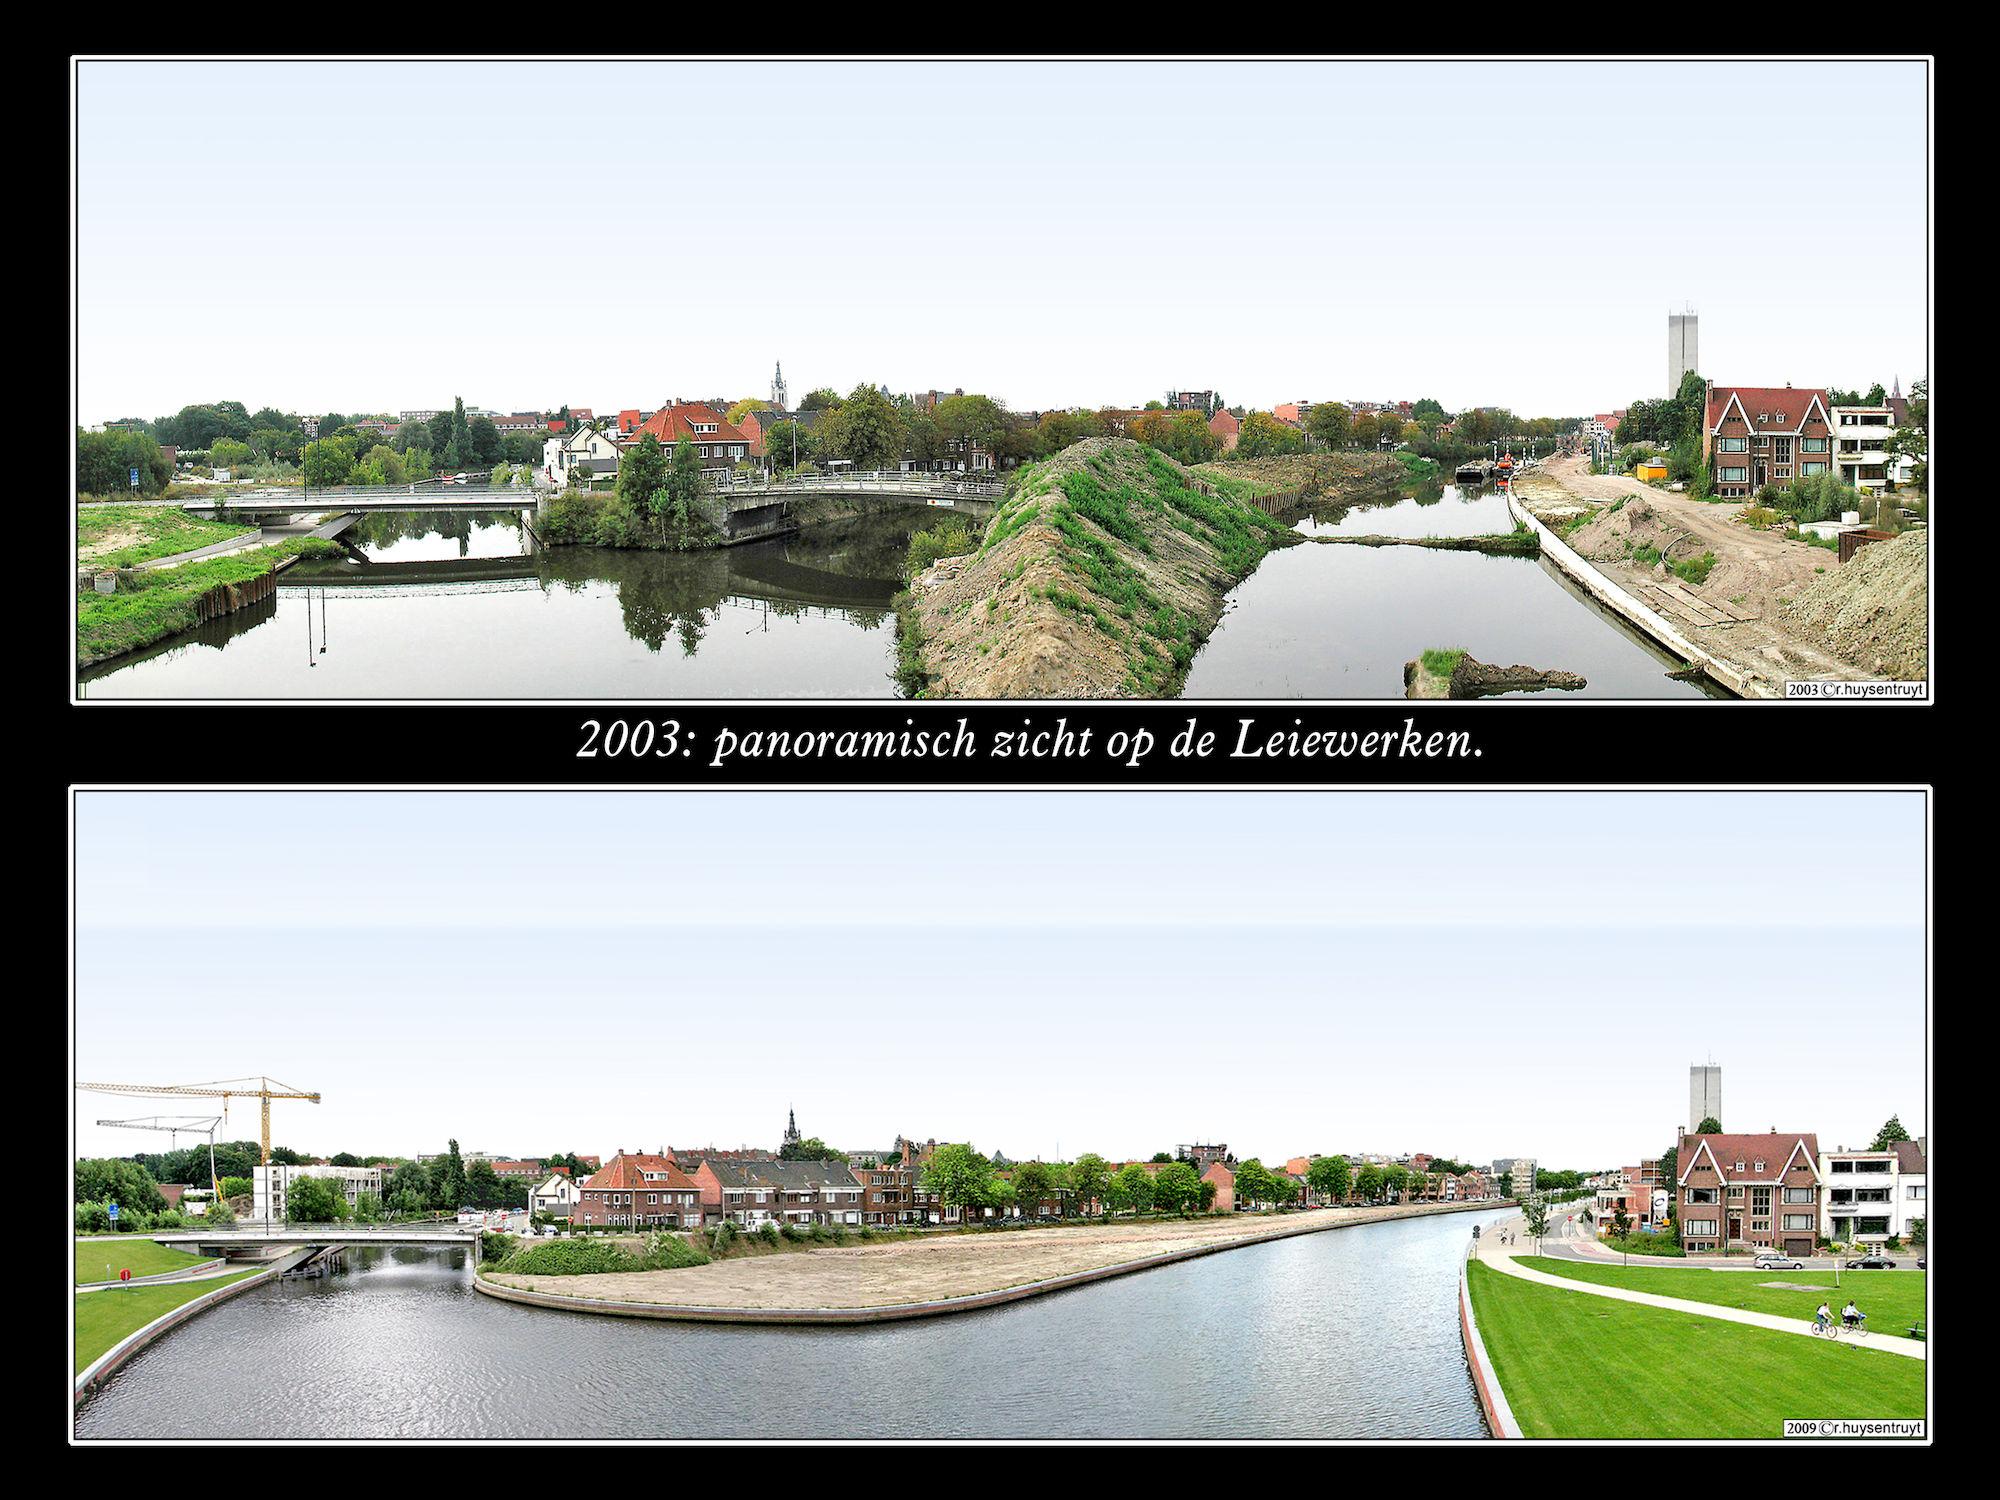 dambrug_2003.jpg